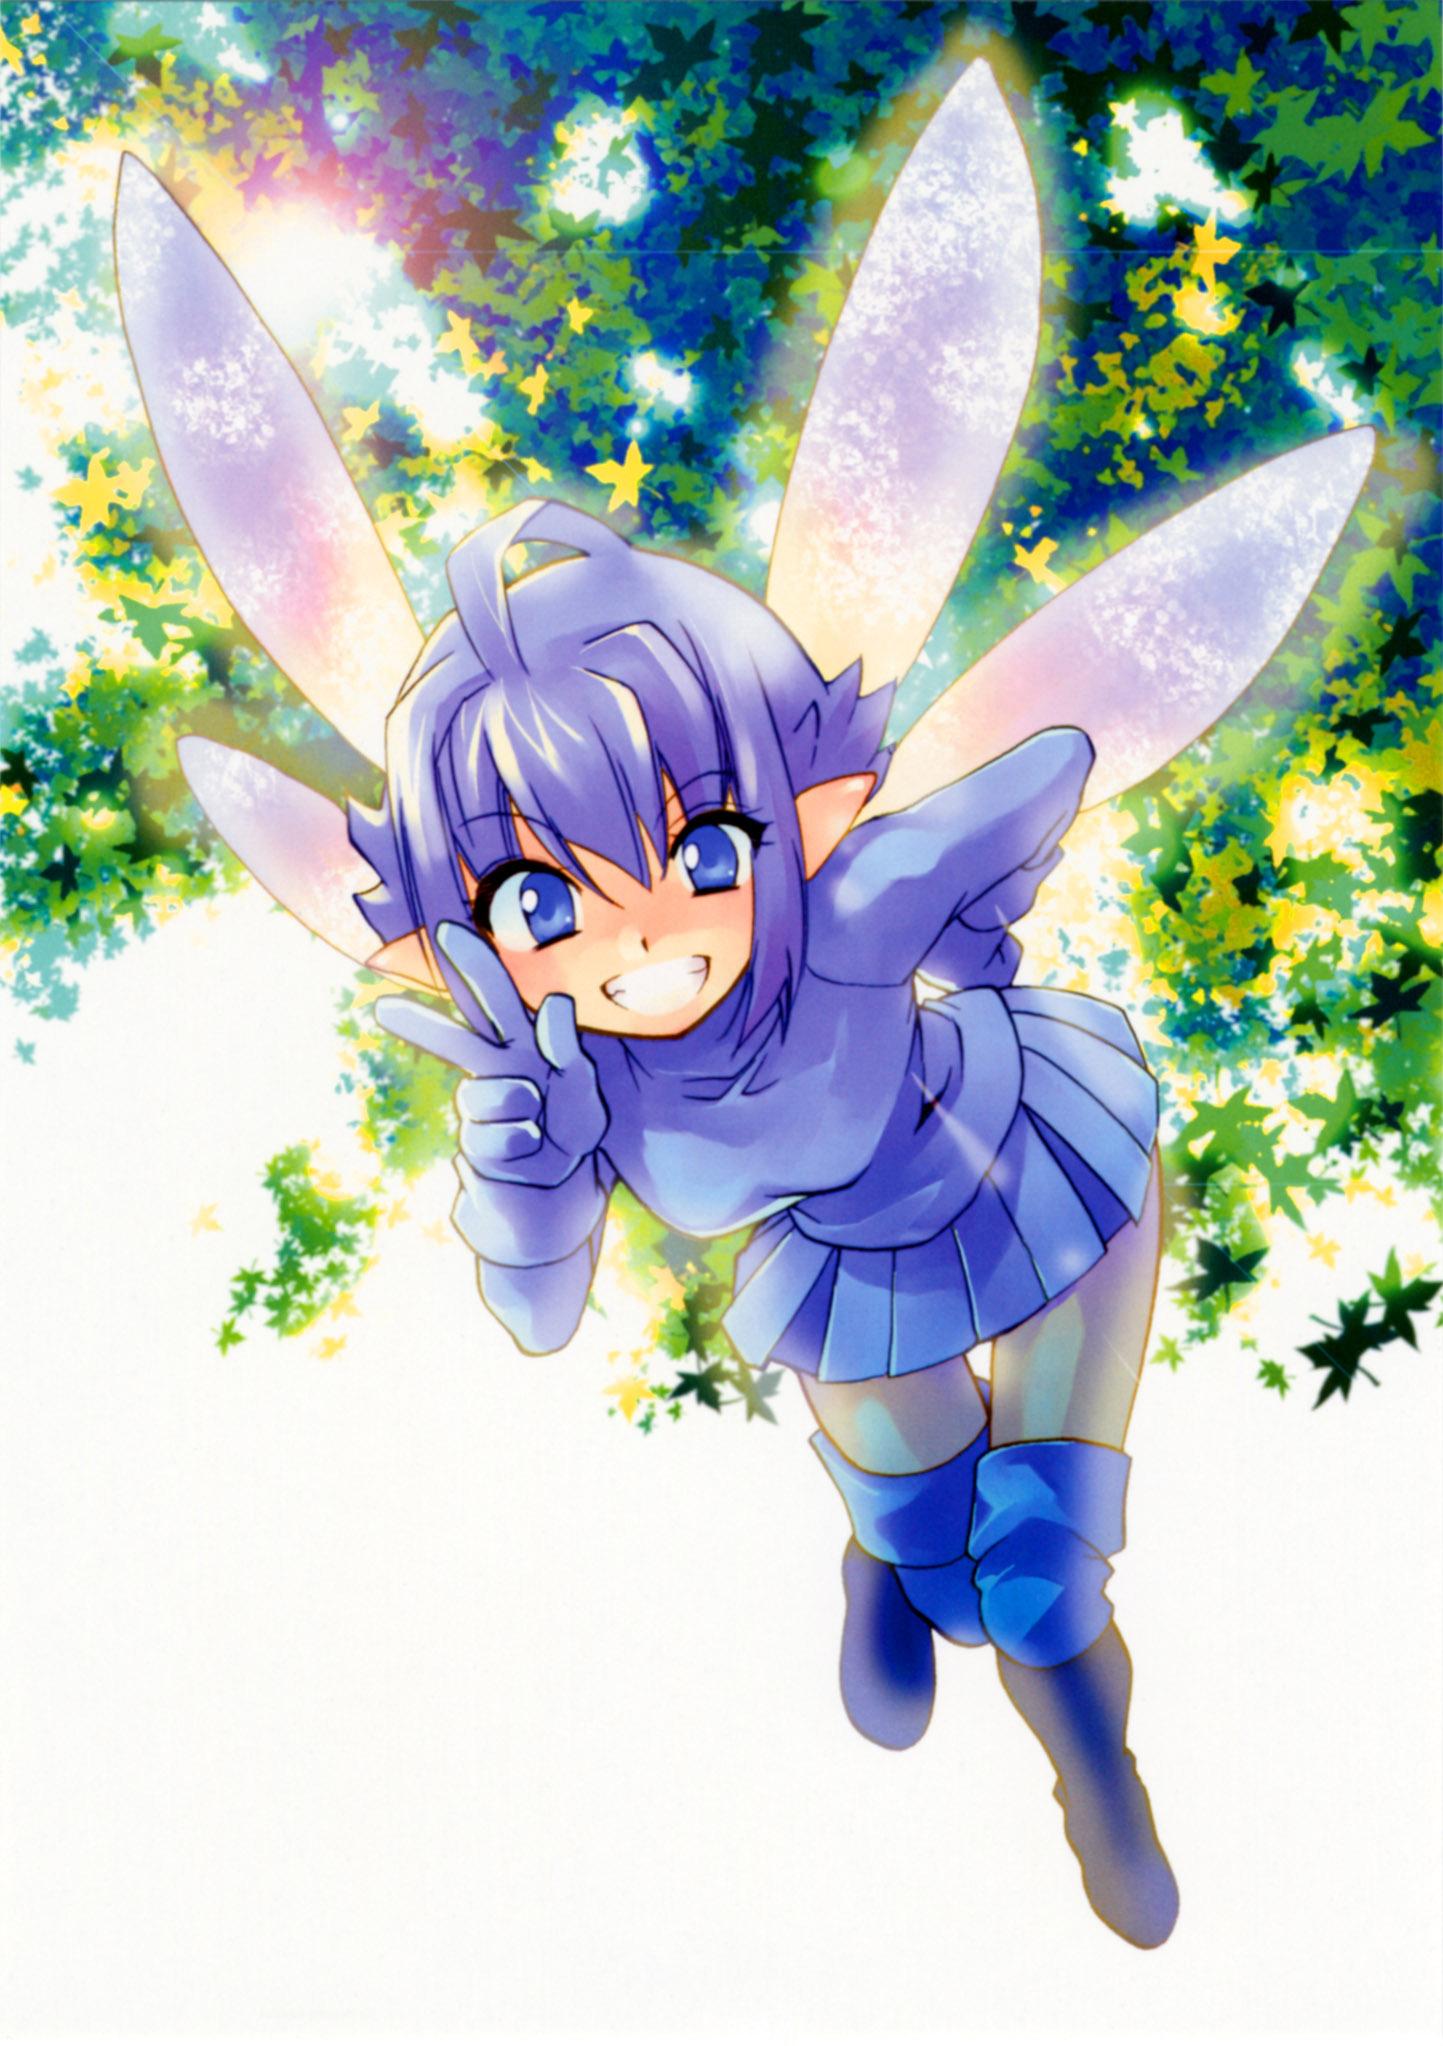 tiana kaze no stigma image 114345 zerochan anime